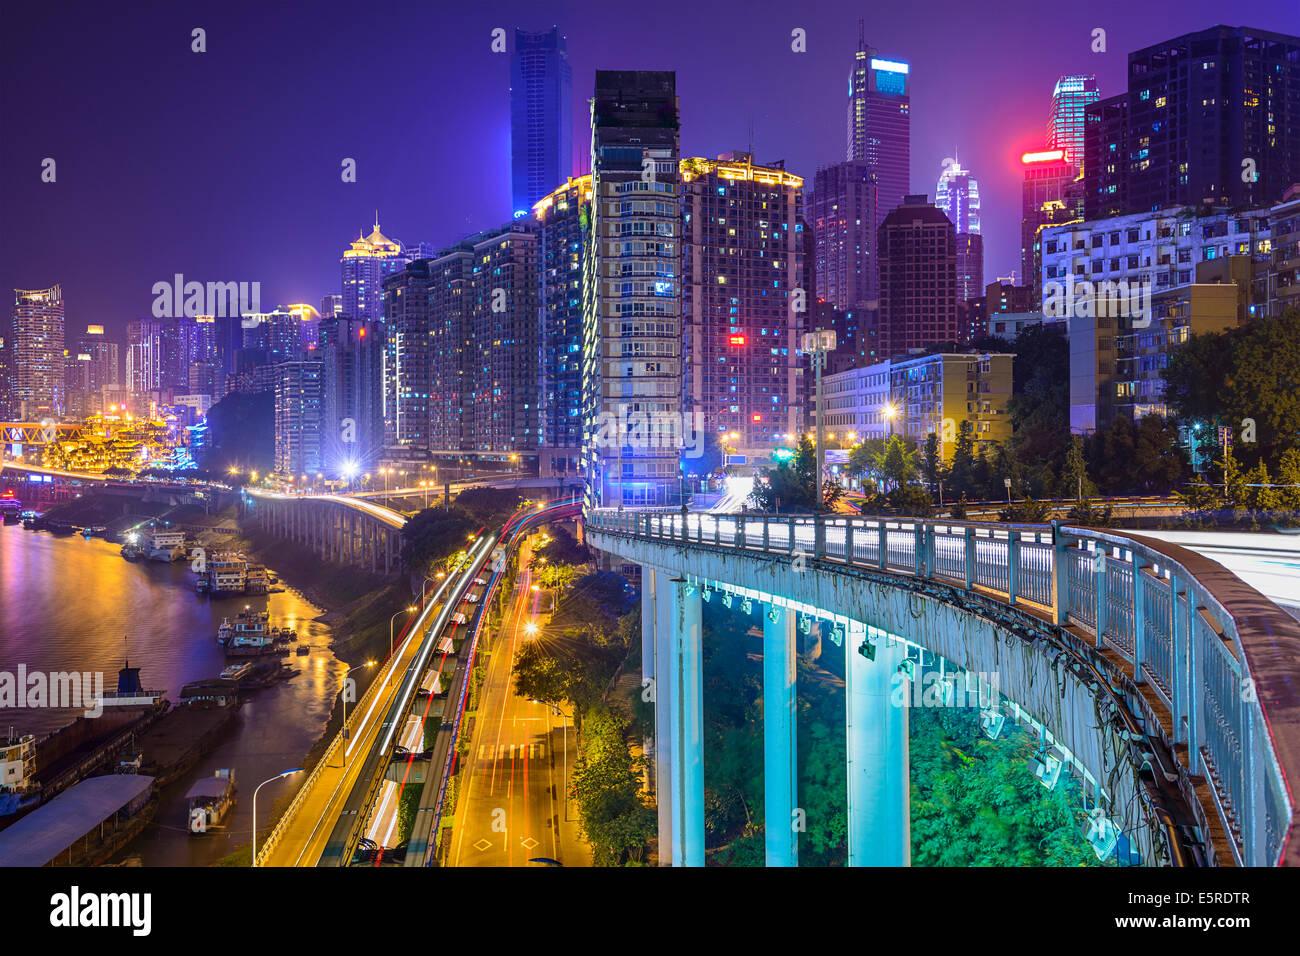 Chongqing, China night time cityscape. - Stock Image